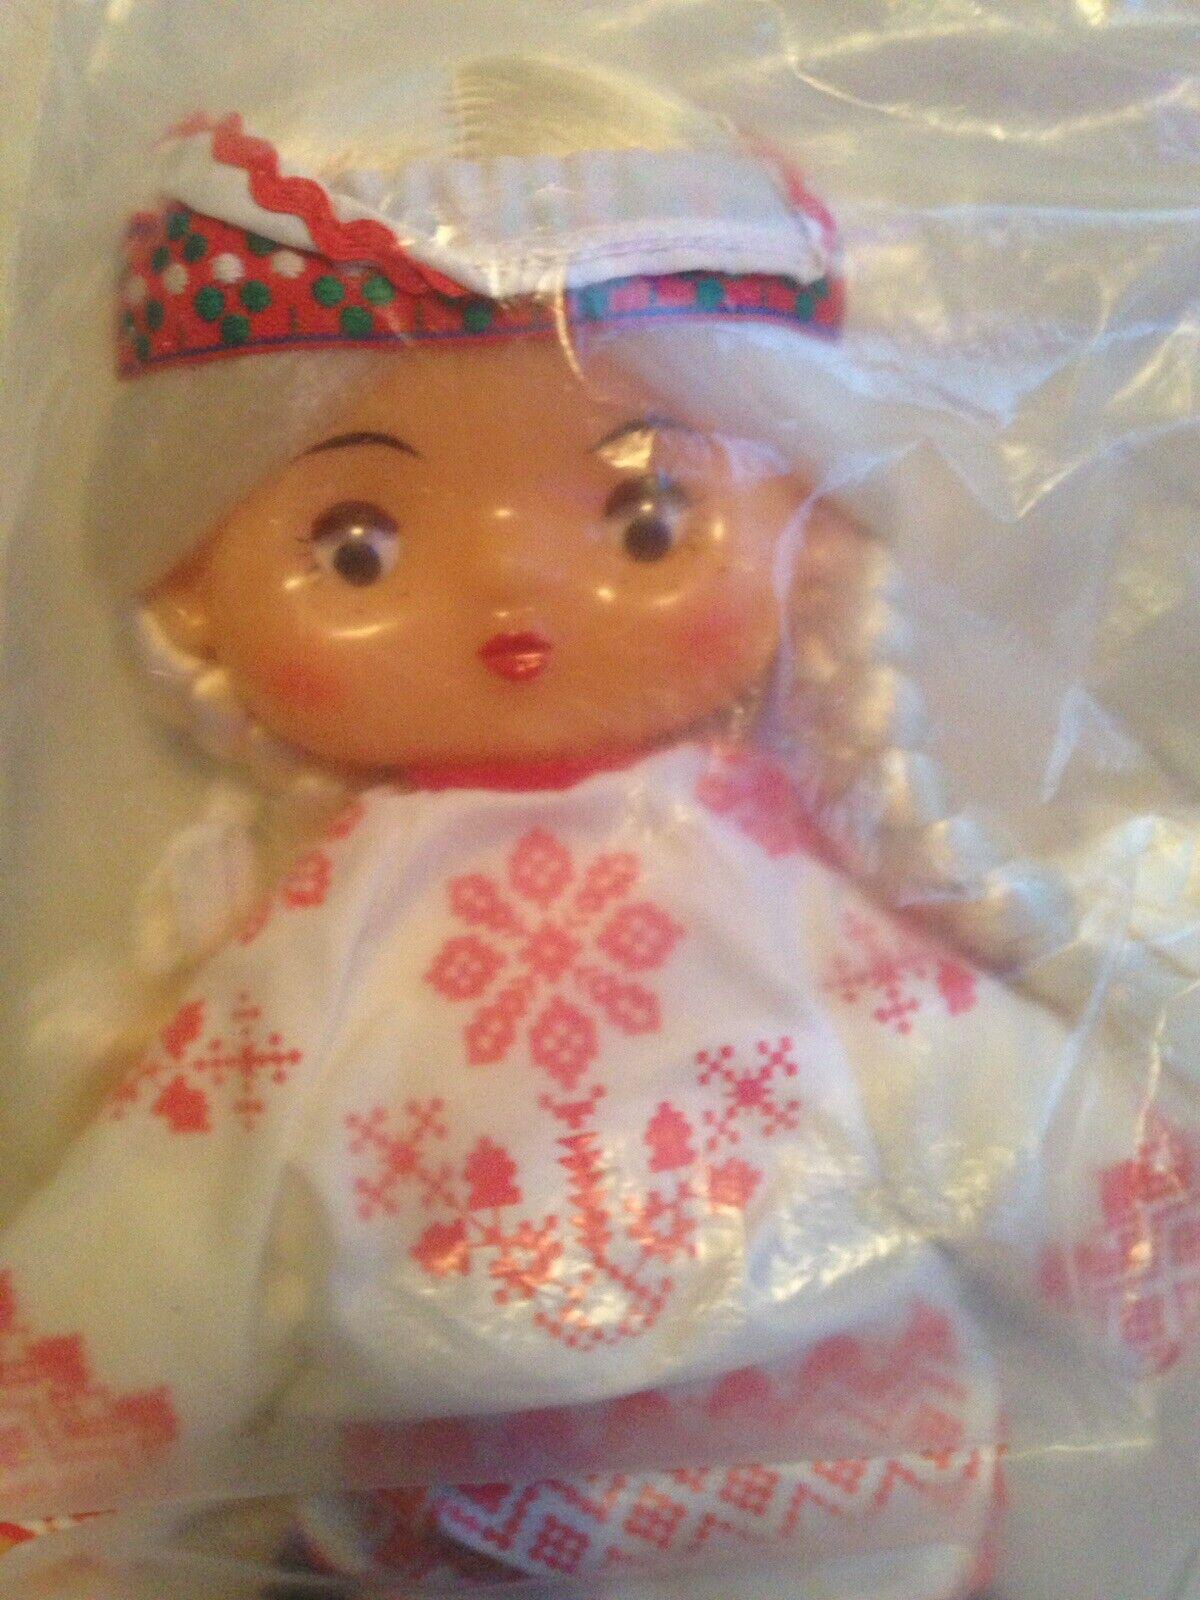 Vintage Muñeca Vestido étnico cultural polaco ruso plástico cara plana ojos de Google